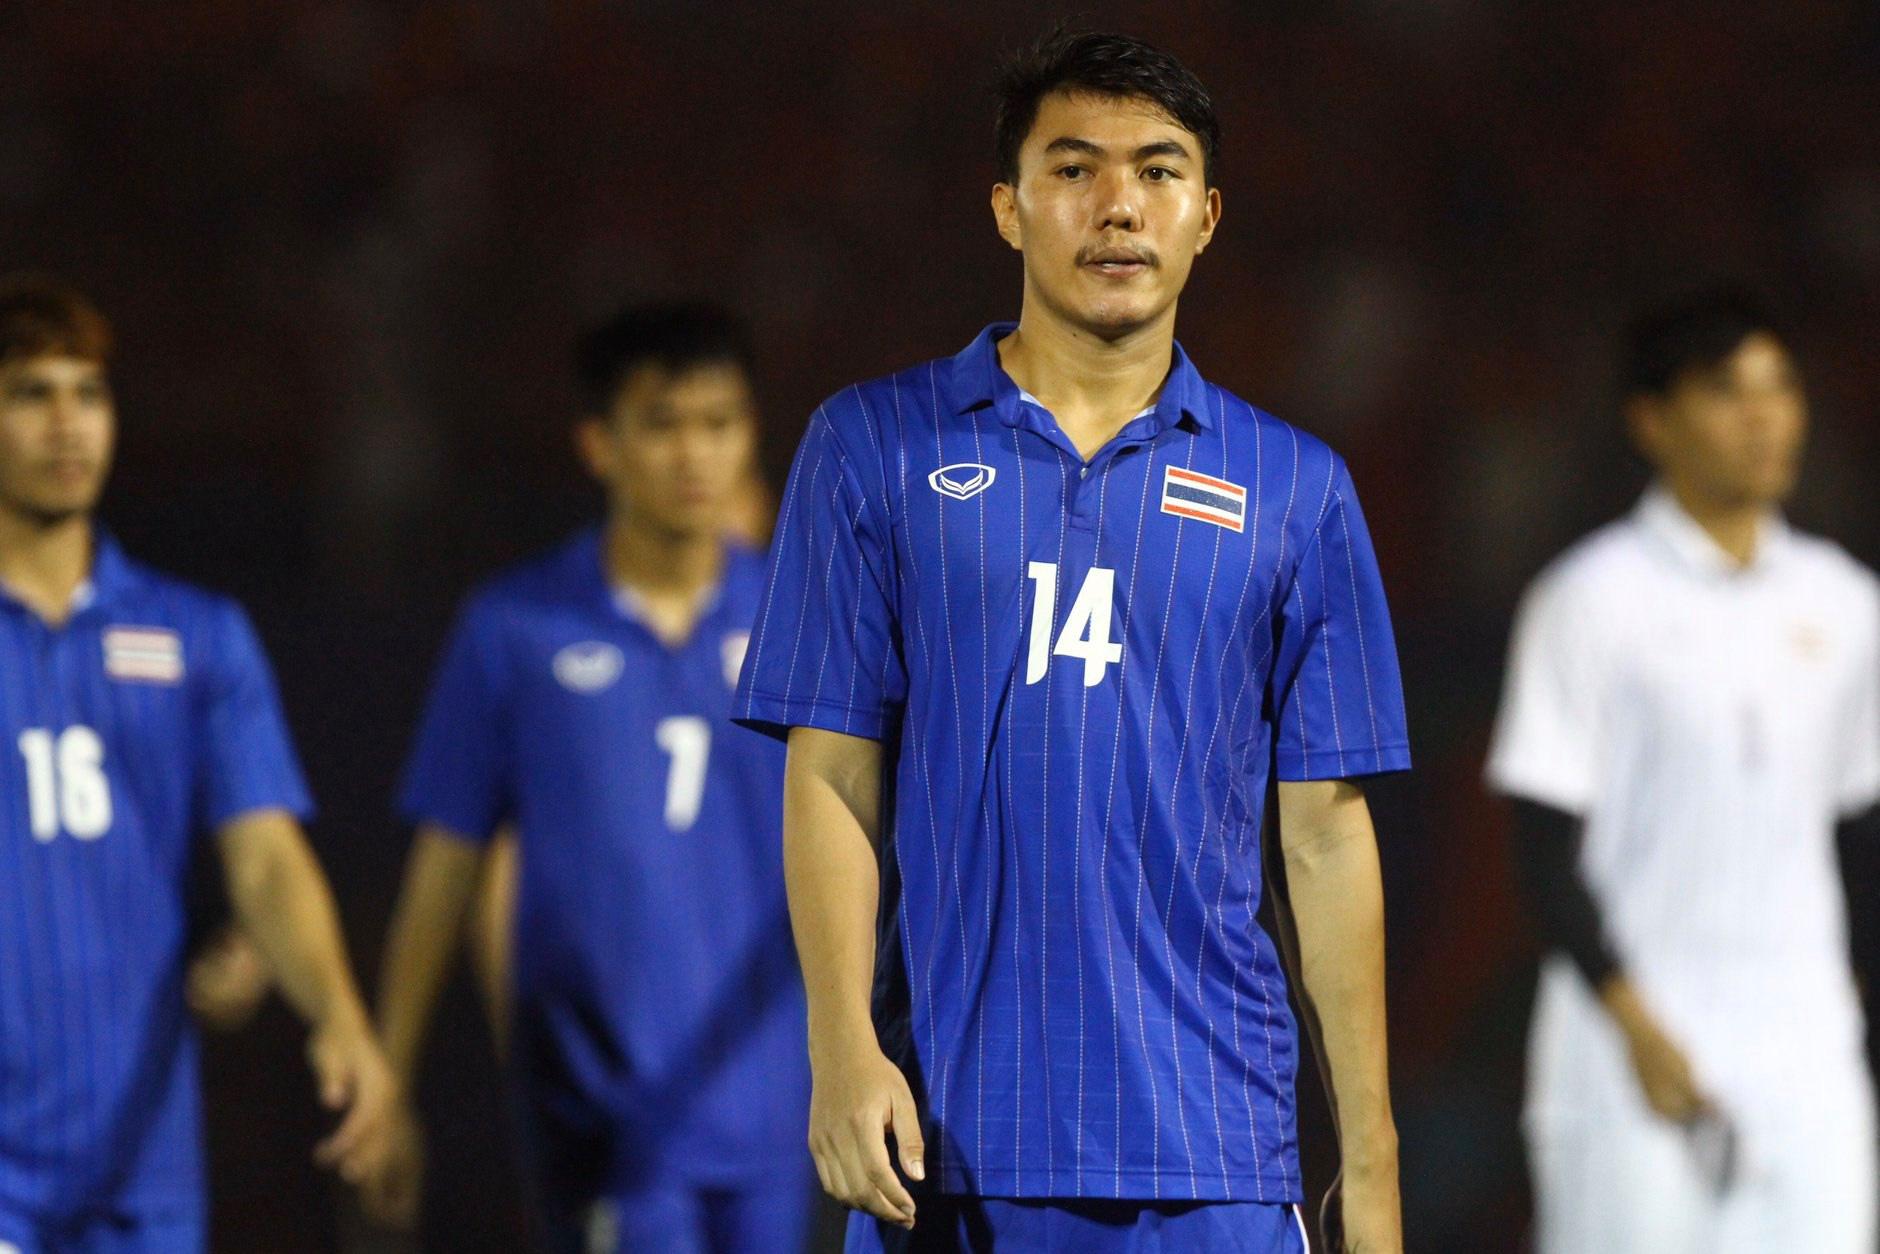 Bị Việt Nam cho về nhà sớm, cầu thủ Thái Lan suy sụp, thất thần, xấu hổ đến mức không dám nhìn các cổ động viên - Ảnh 6.